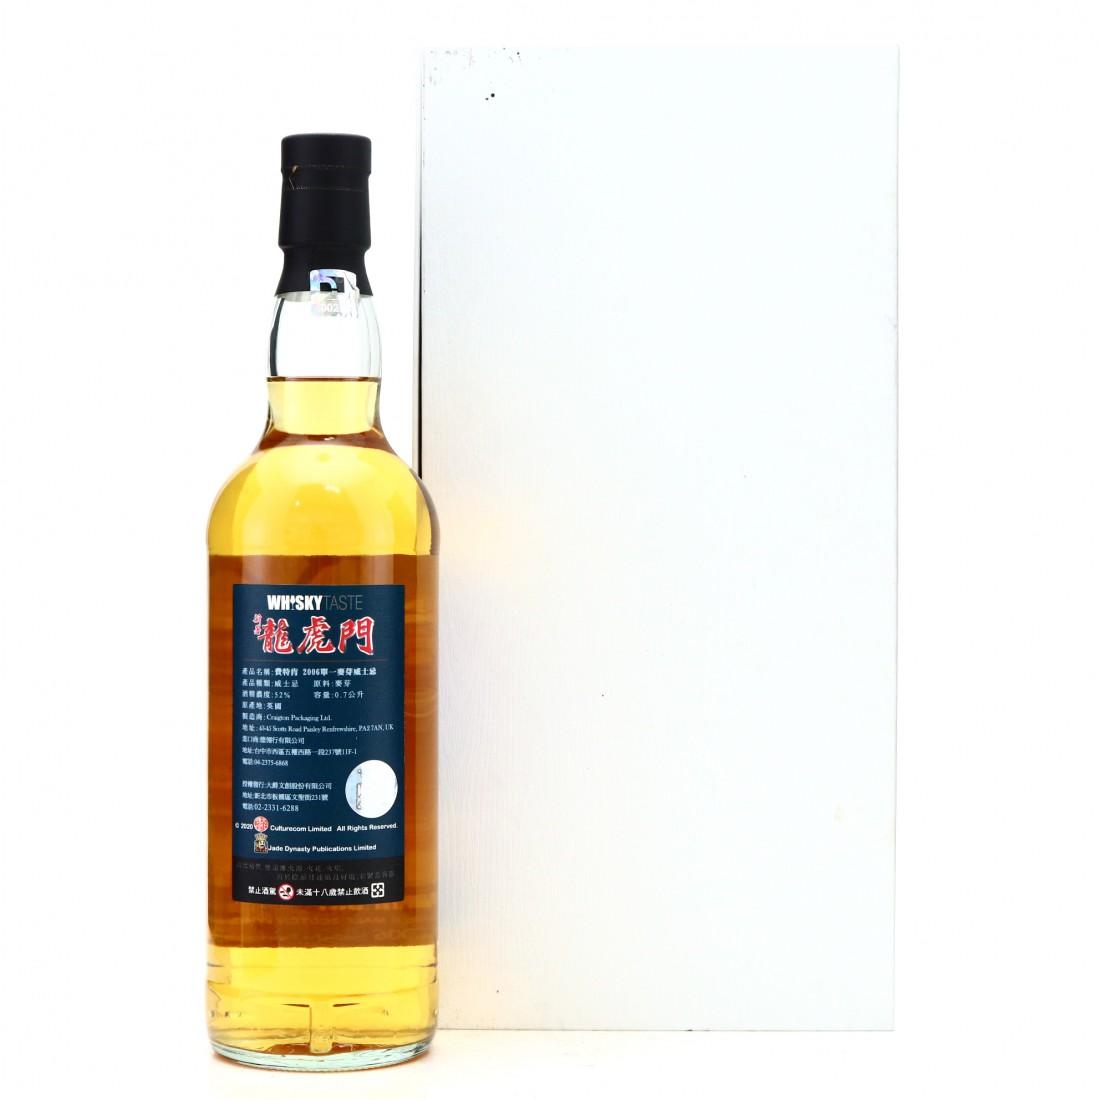 Fettercairn 2006 Whisky Taste